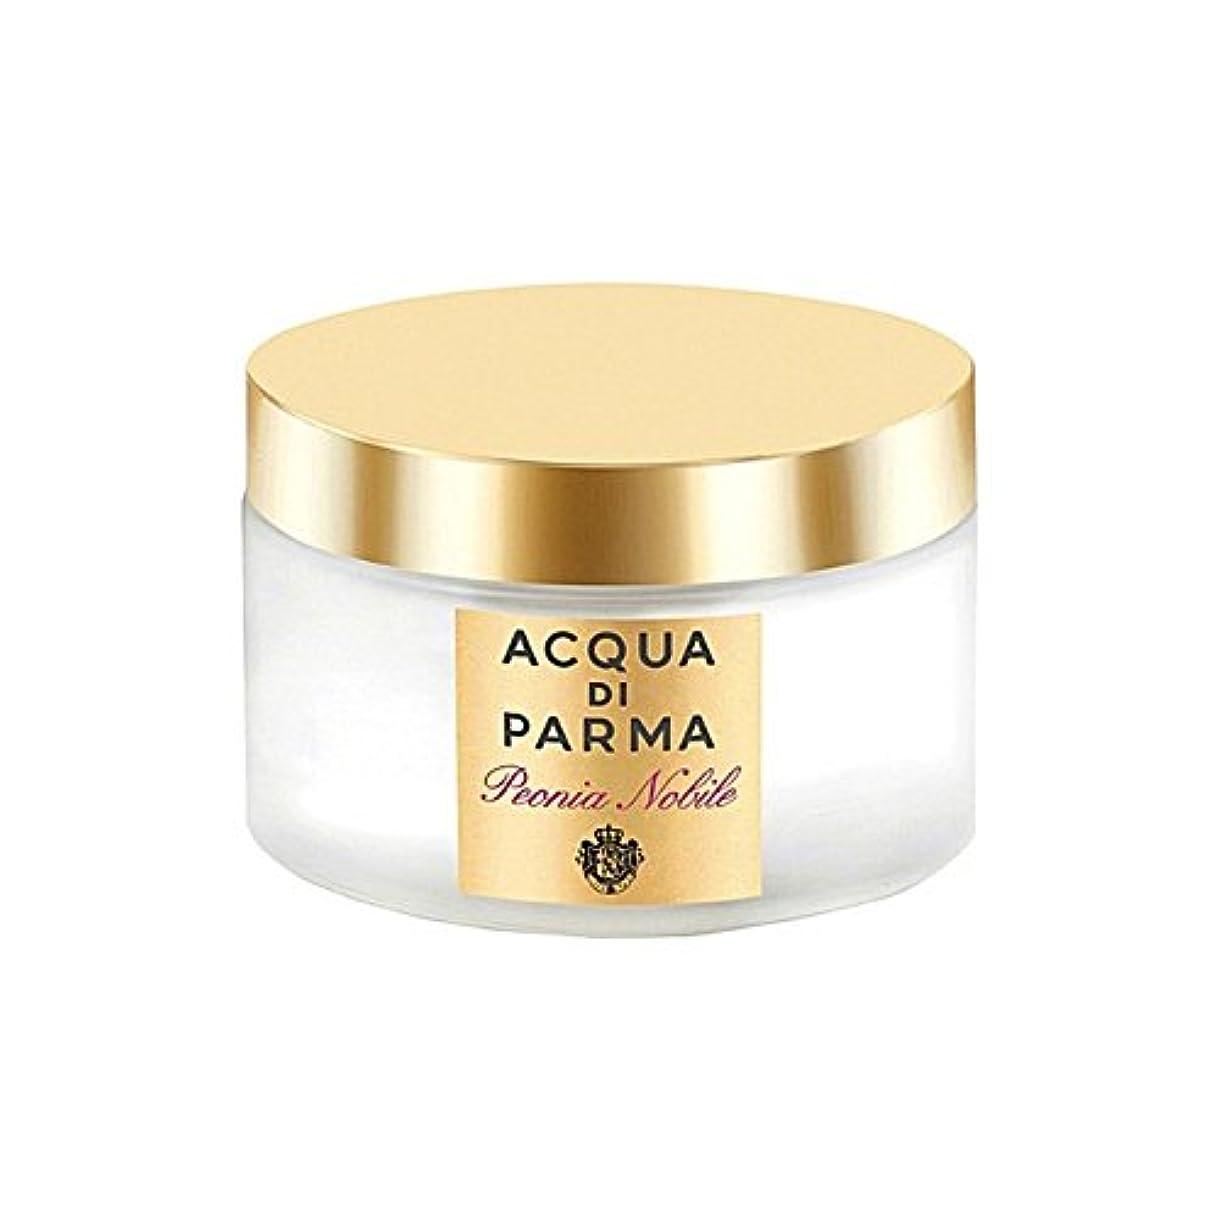 問い合わせ噴出する洞窟Acqua Di Parma Peonia Nobile Body Cream 150ml - アクアディパルマノビレボディクリーム150ミリリットル [並行輸入品]